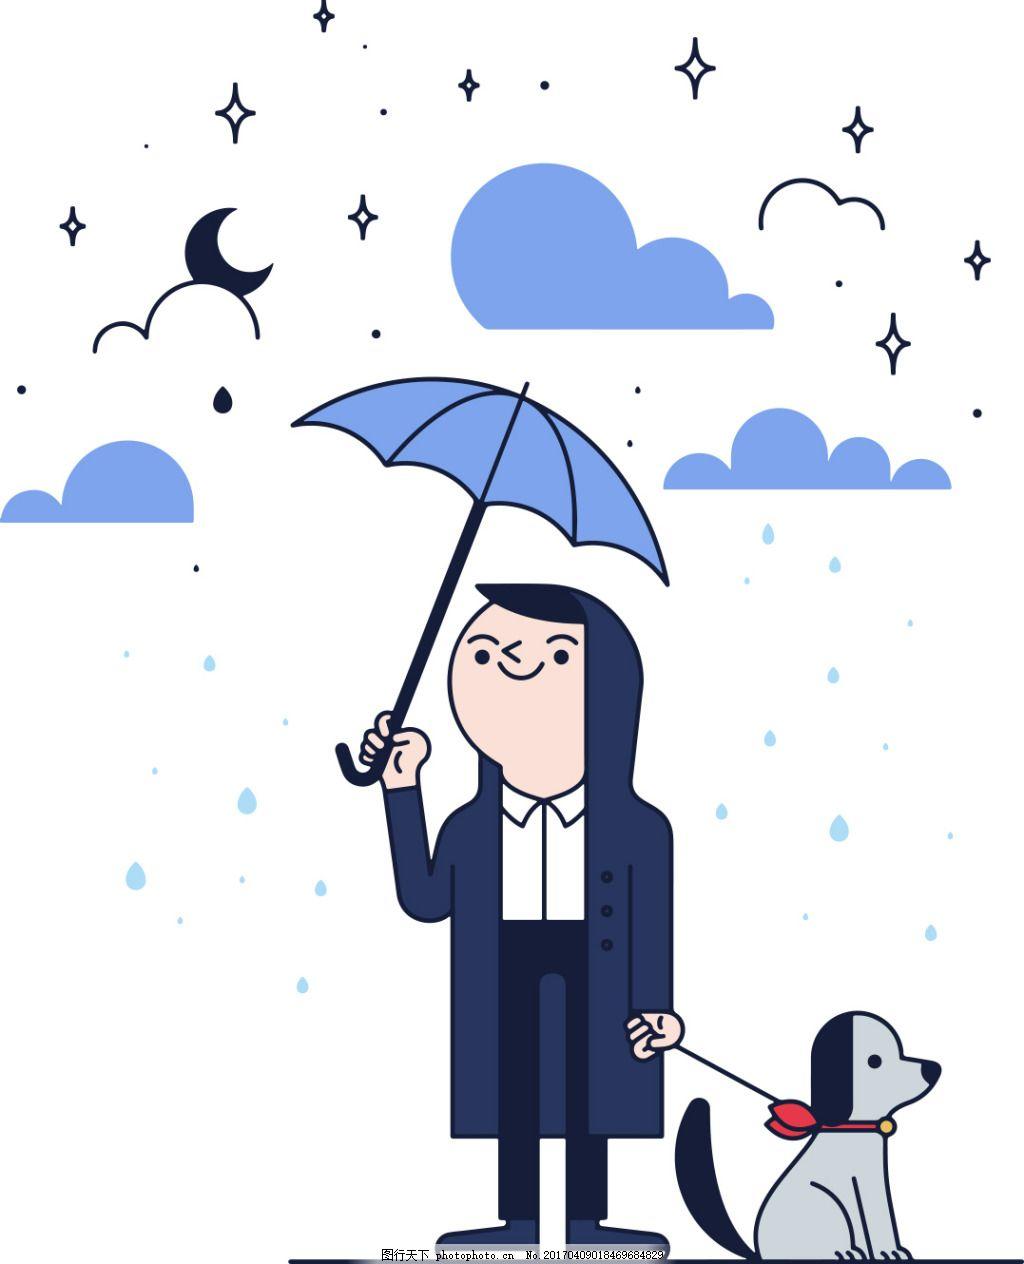 手绘儿童插画 卡通插画 手绘插画 可爱 小狗 星空 下雨